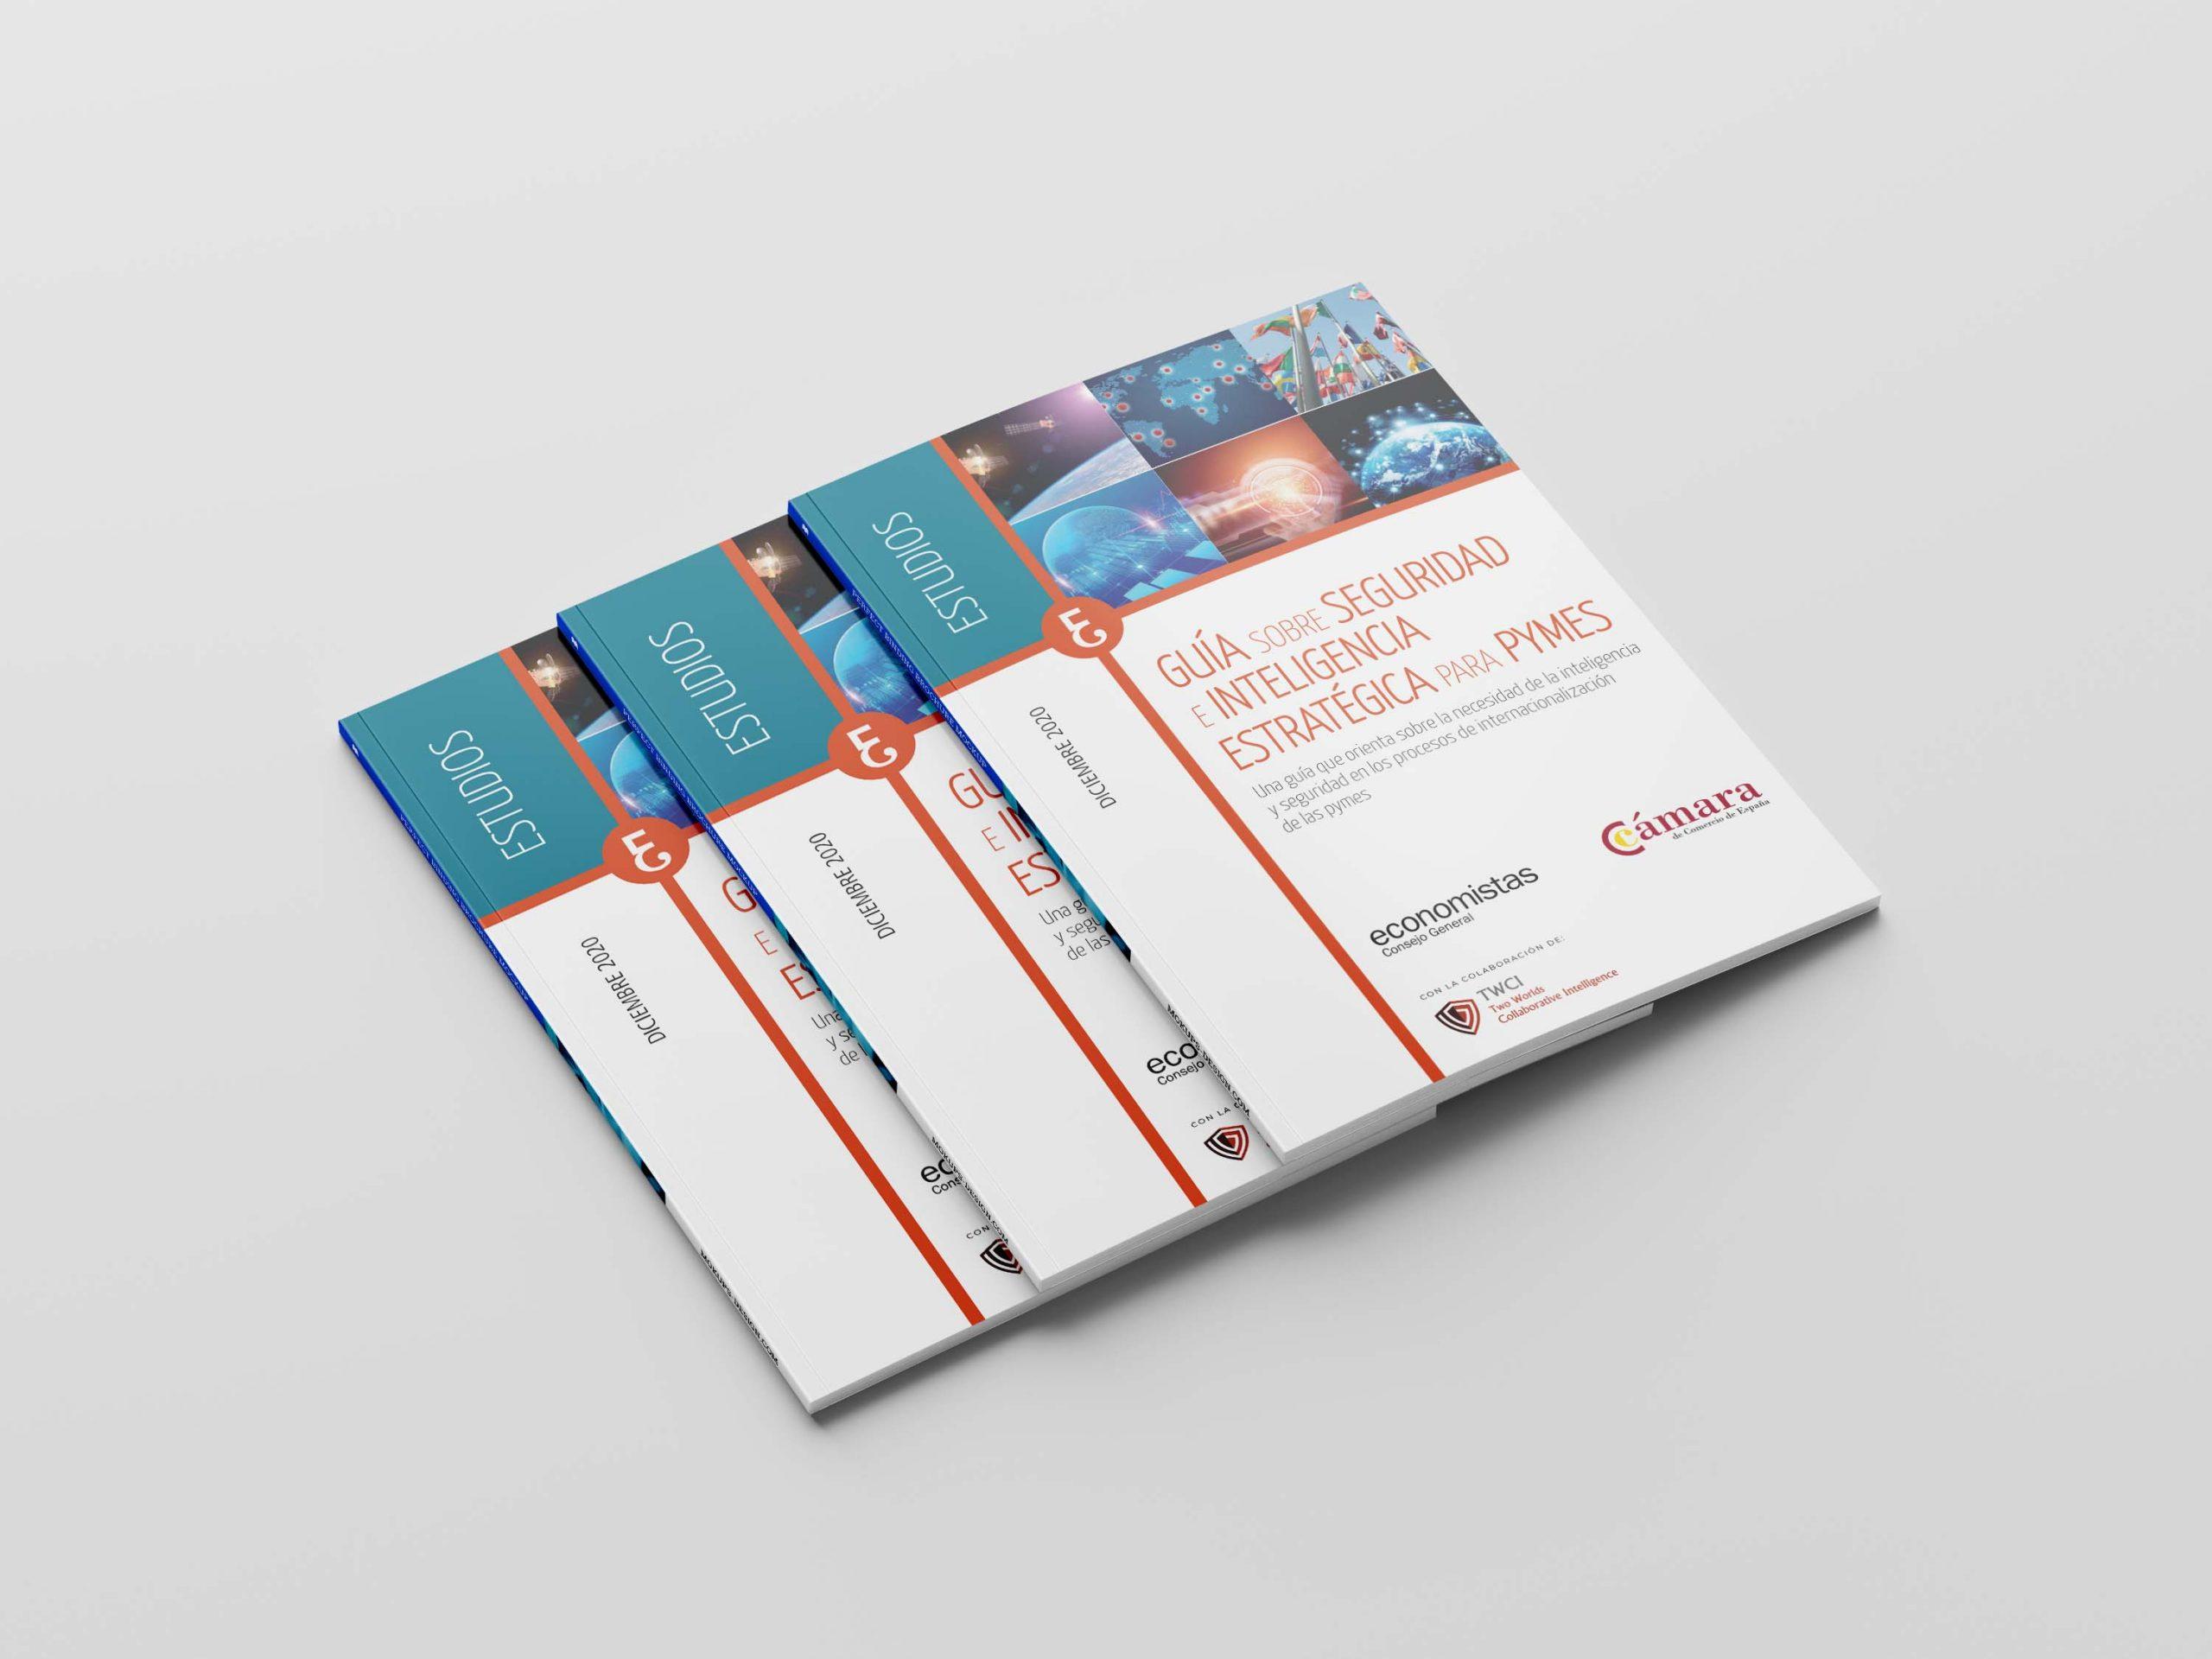 Guía de seguridad e inteligencia estratégica para PYMES